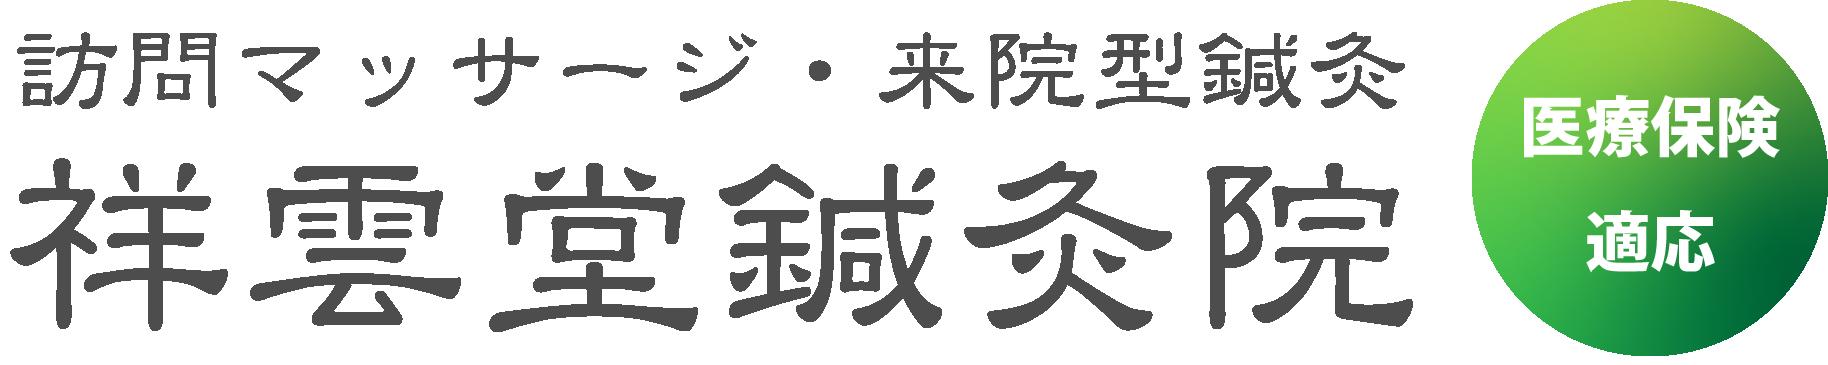 祥雲堂鍼灸院